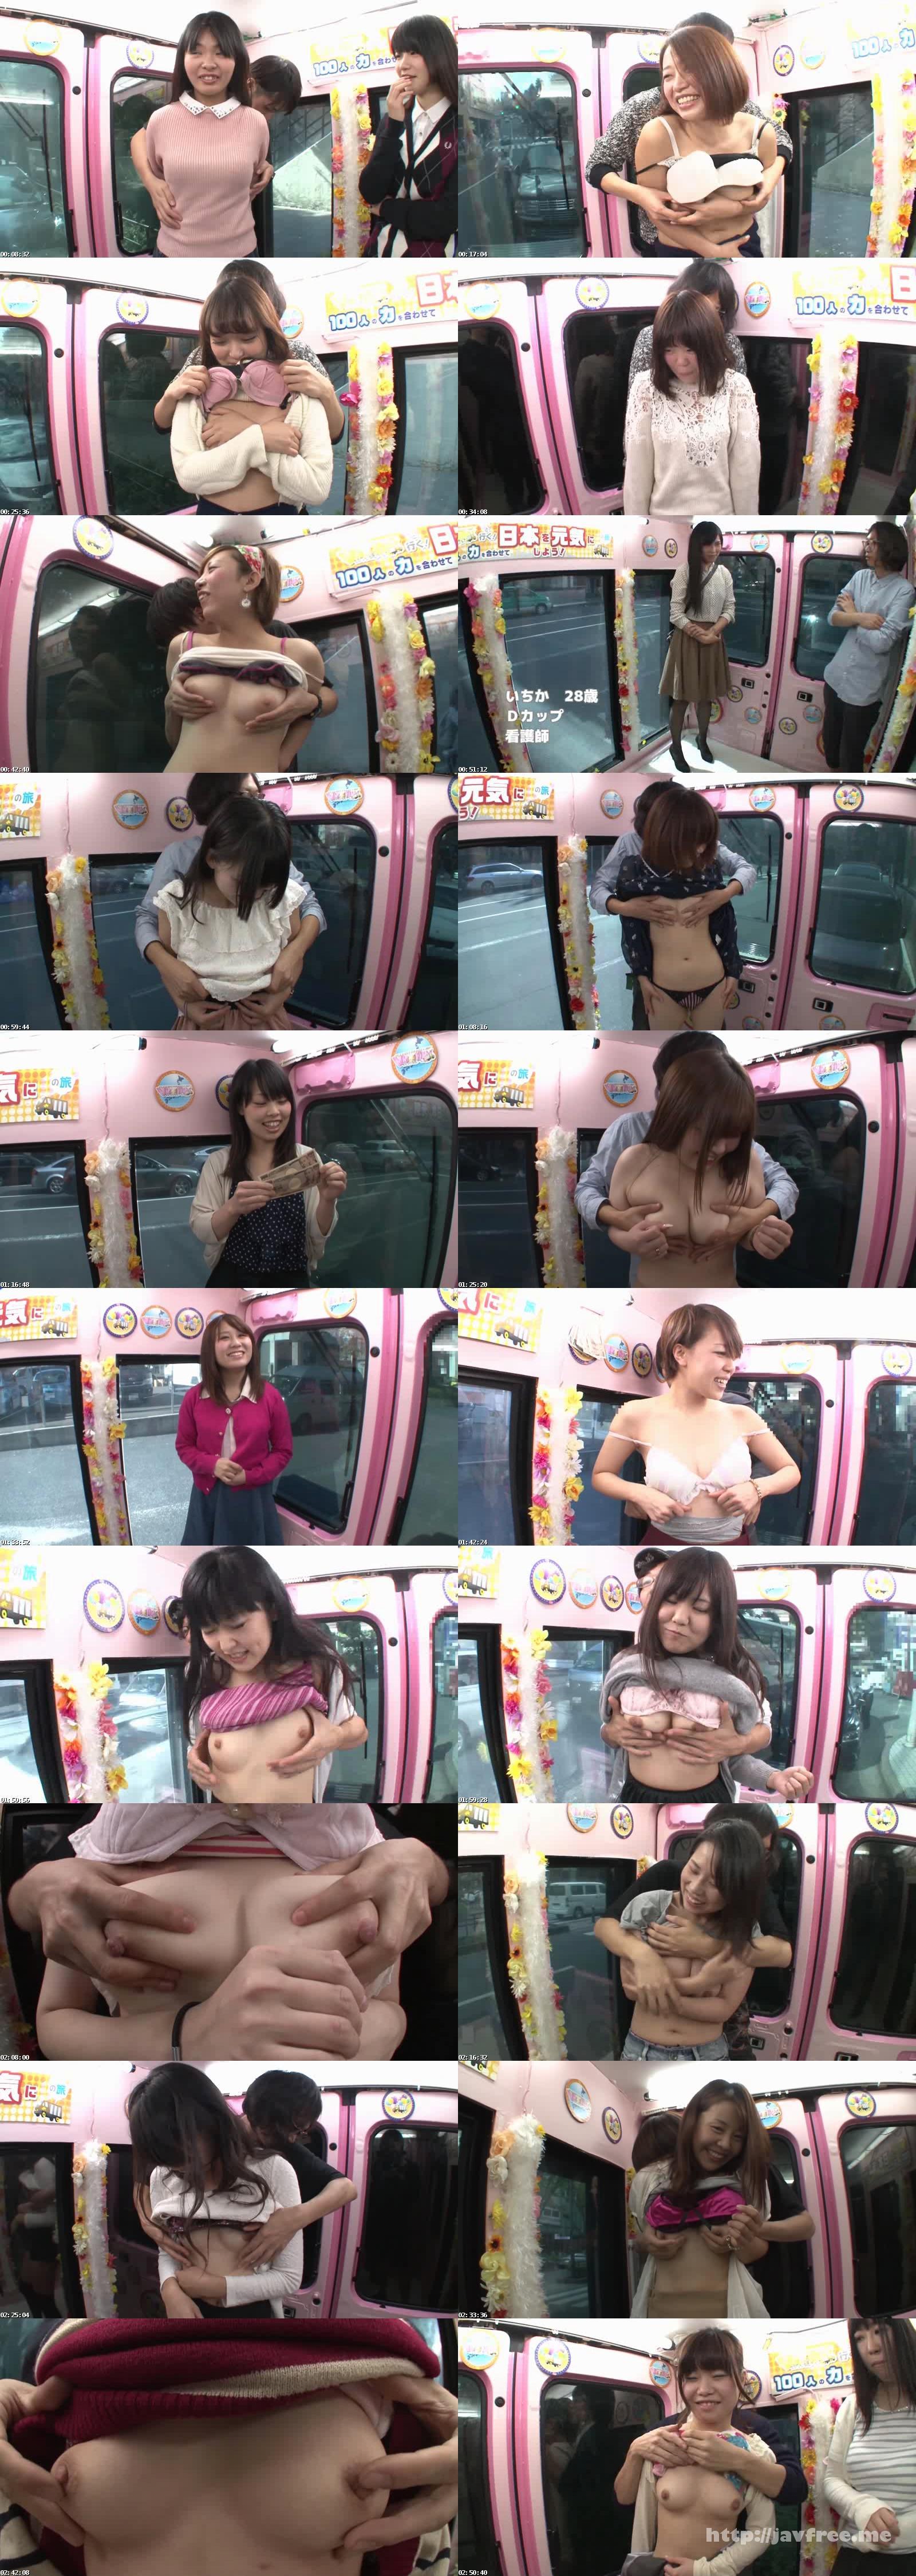 [DVDES 812] 完全撮り下ろし乳もみナンパ!おっぱいパワーで日本を元気にしよう!!恥じらう赤面素人娘101人の色・形・大きさの違う生おっぱいを揉んで!触って!鷲掴み!街行く女の子たちに交渉→即揉み!vol.02 DVDES